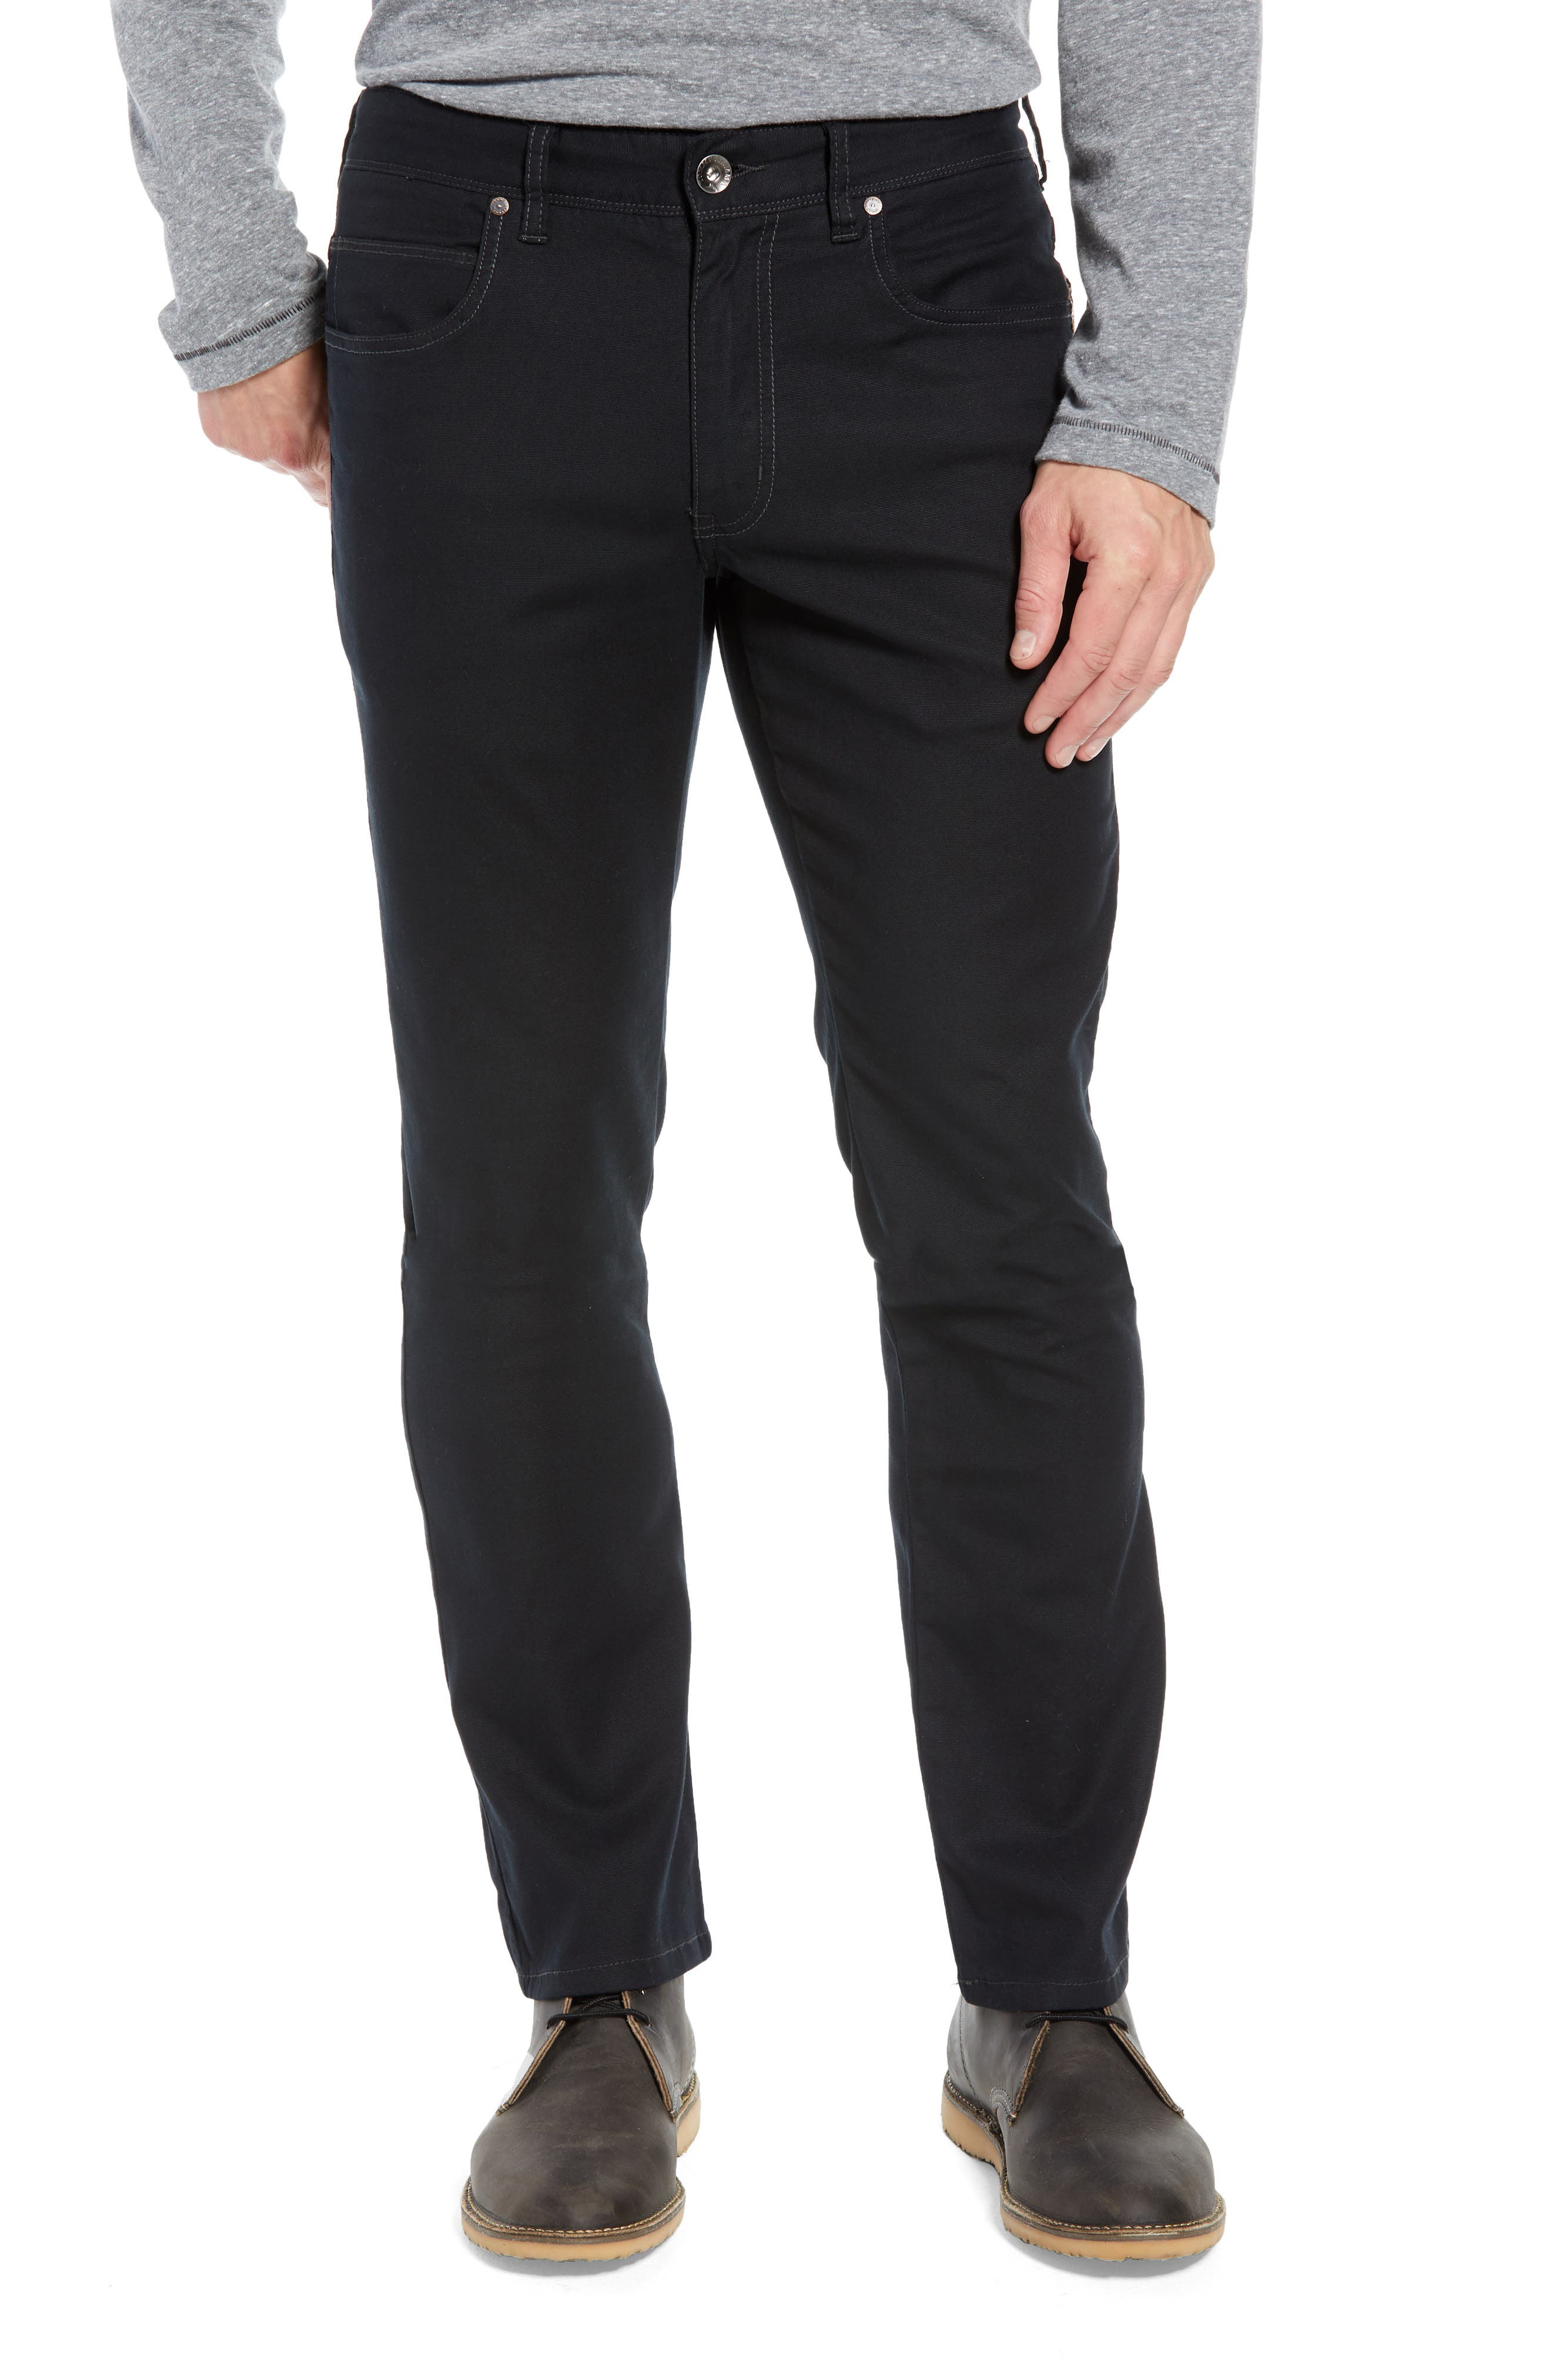 Key Isles Regular Fit Pants,                         Main,                         color, BLACK